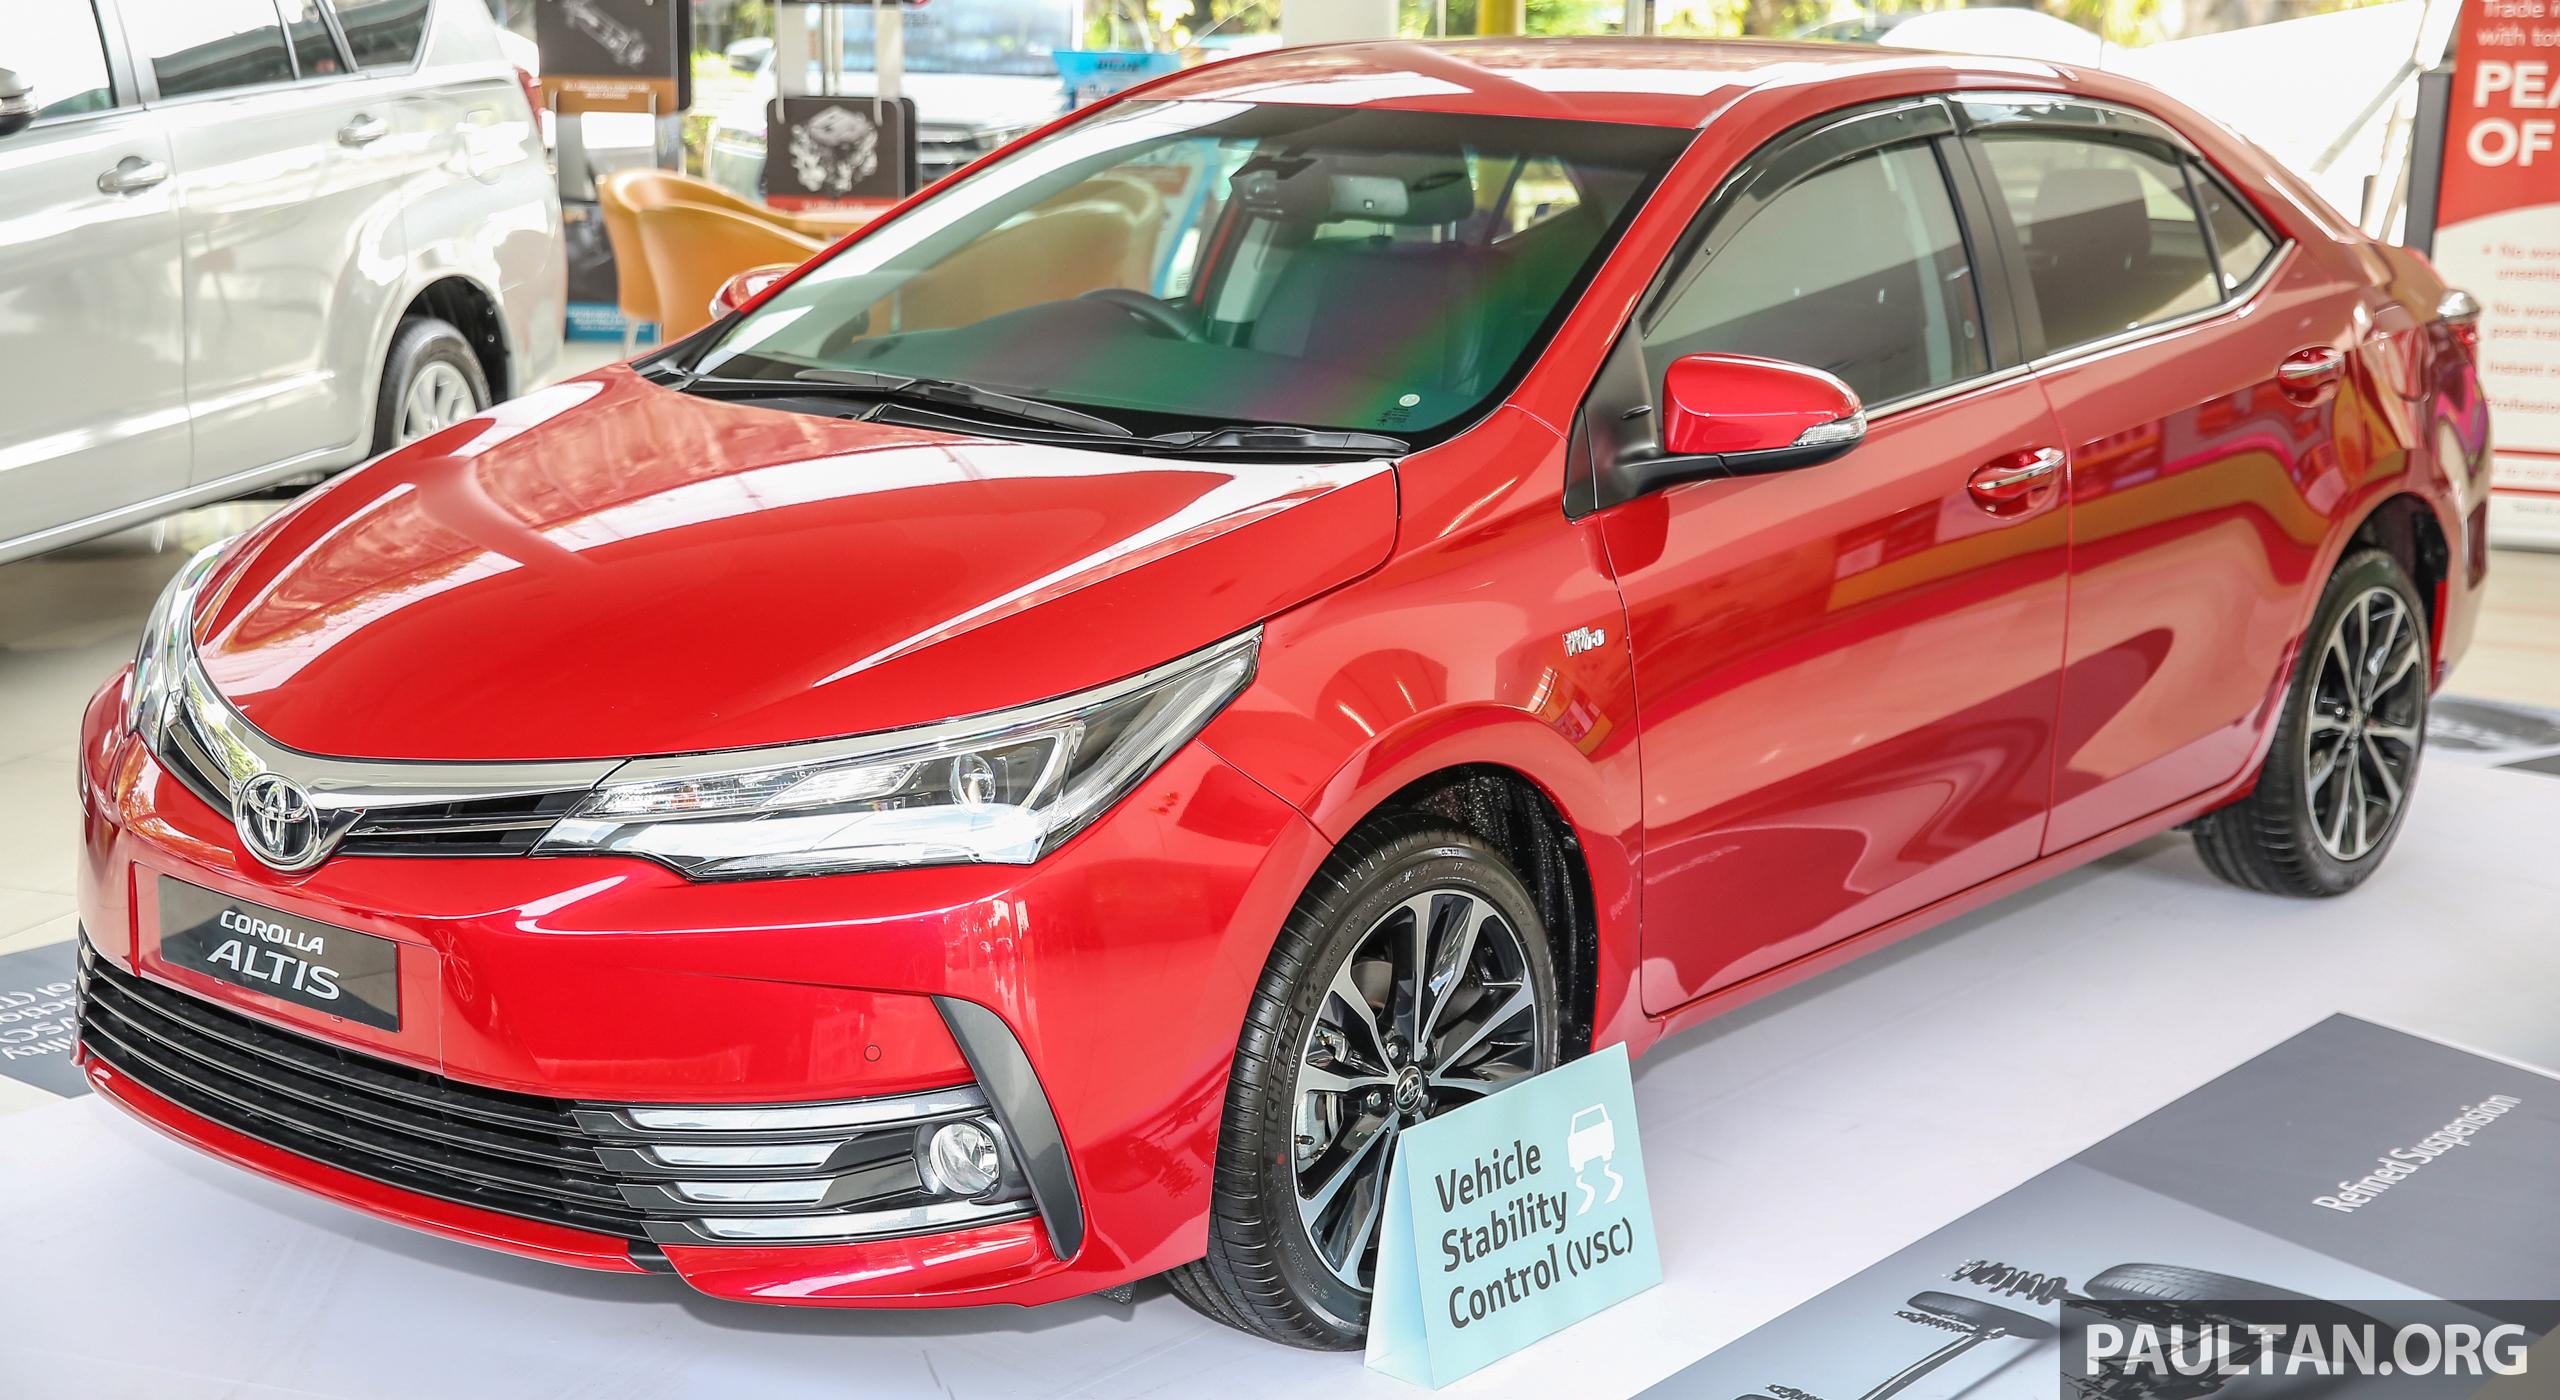 Toyota-Corolla-Altis-2.0V-facelift-1.jpg